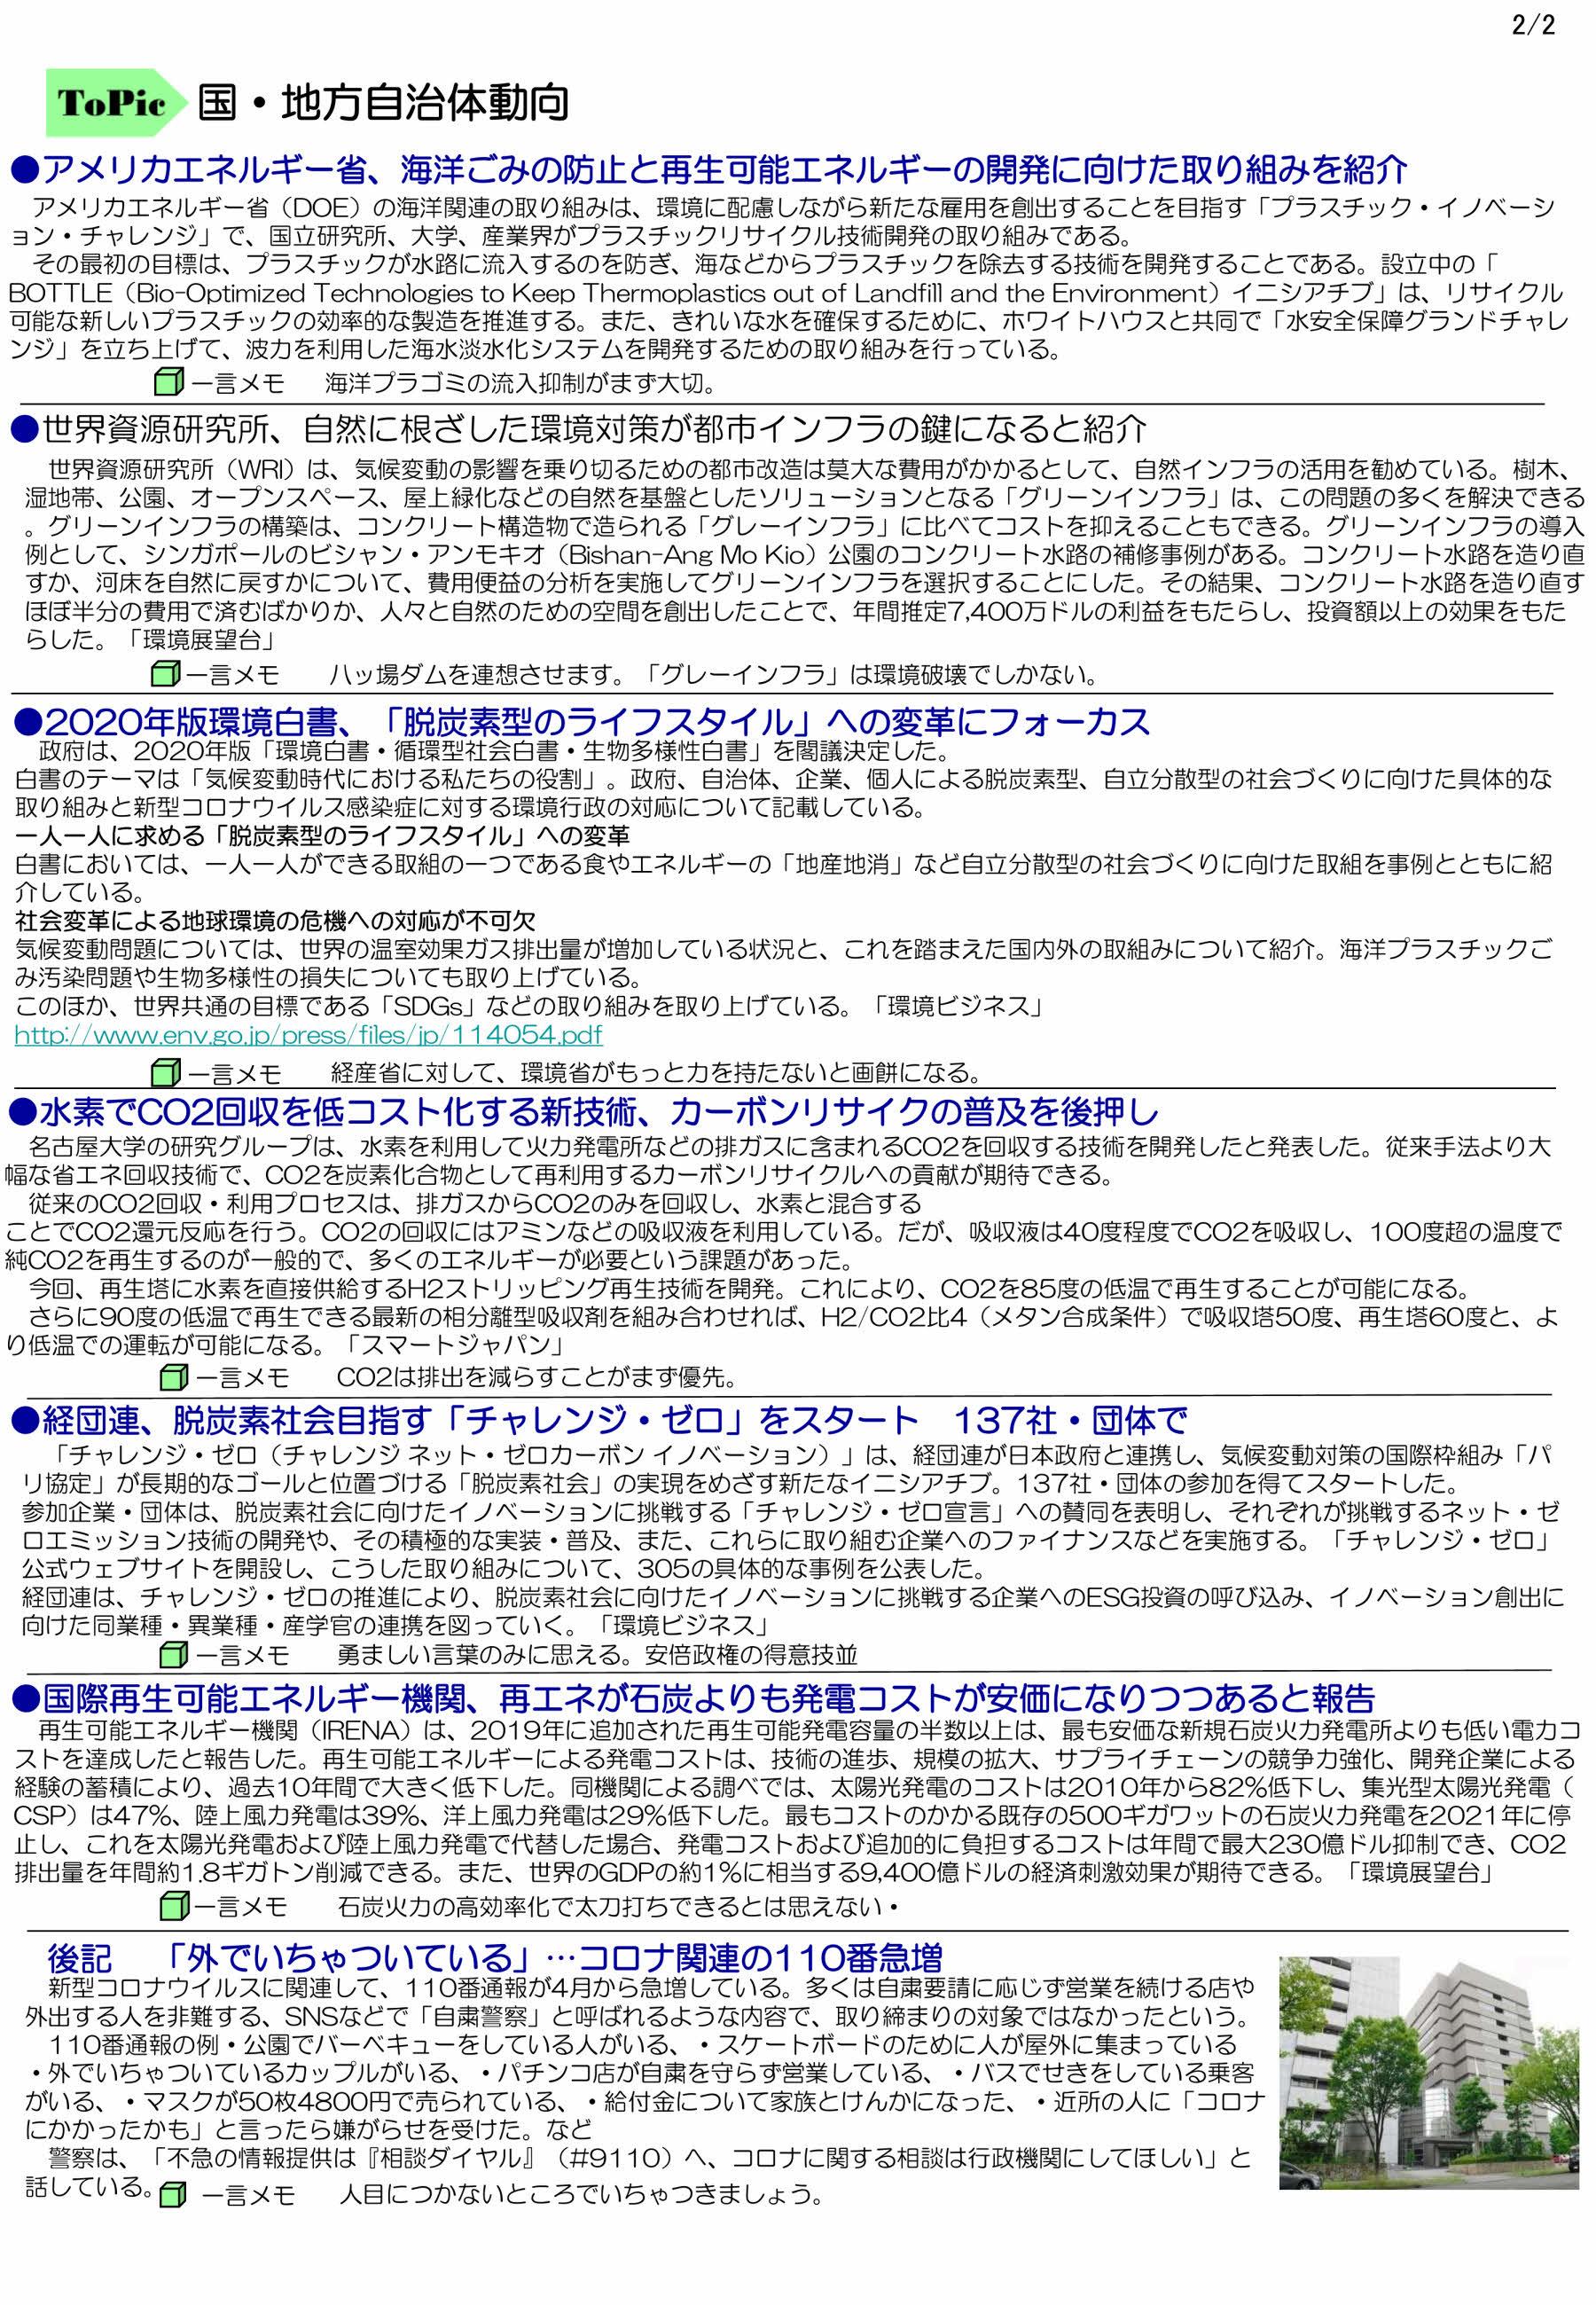 資源エネレポート -N0.75-